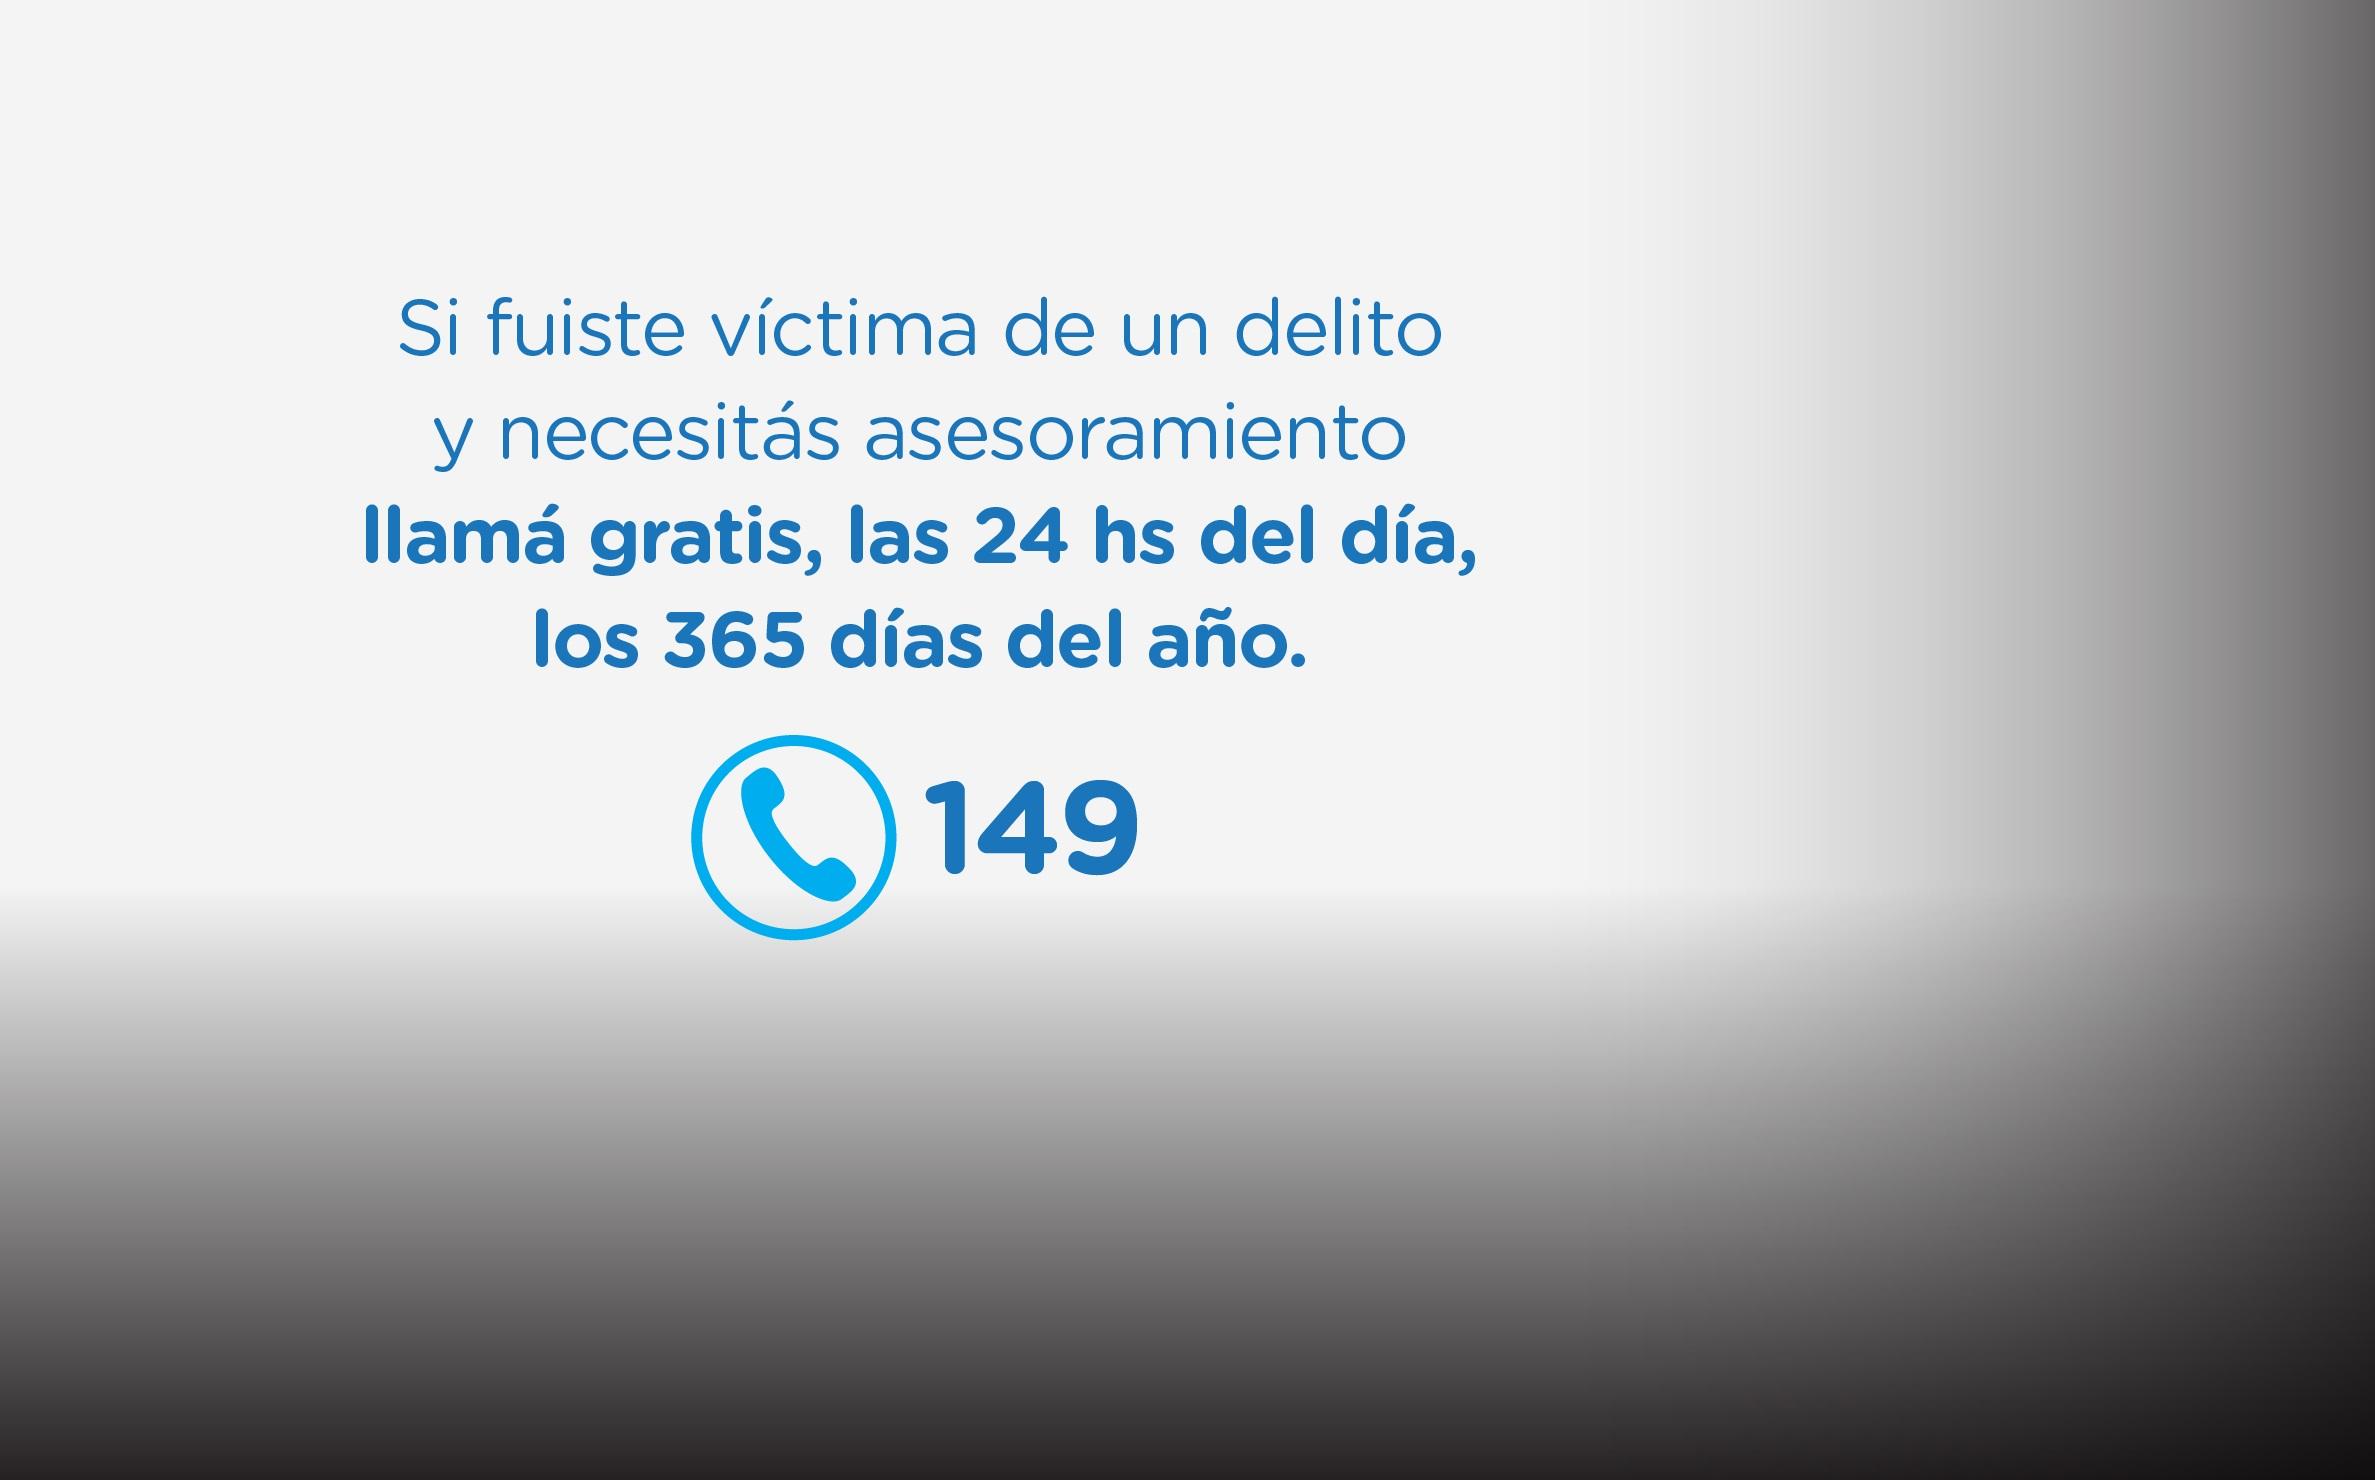 Reglamentan la Ley de Derechos y Garantías de las Personas víctimas de Delitos